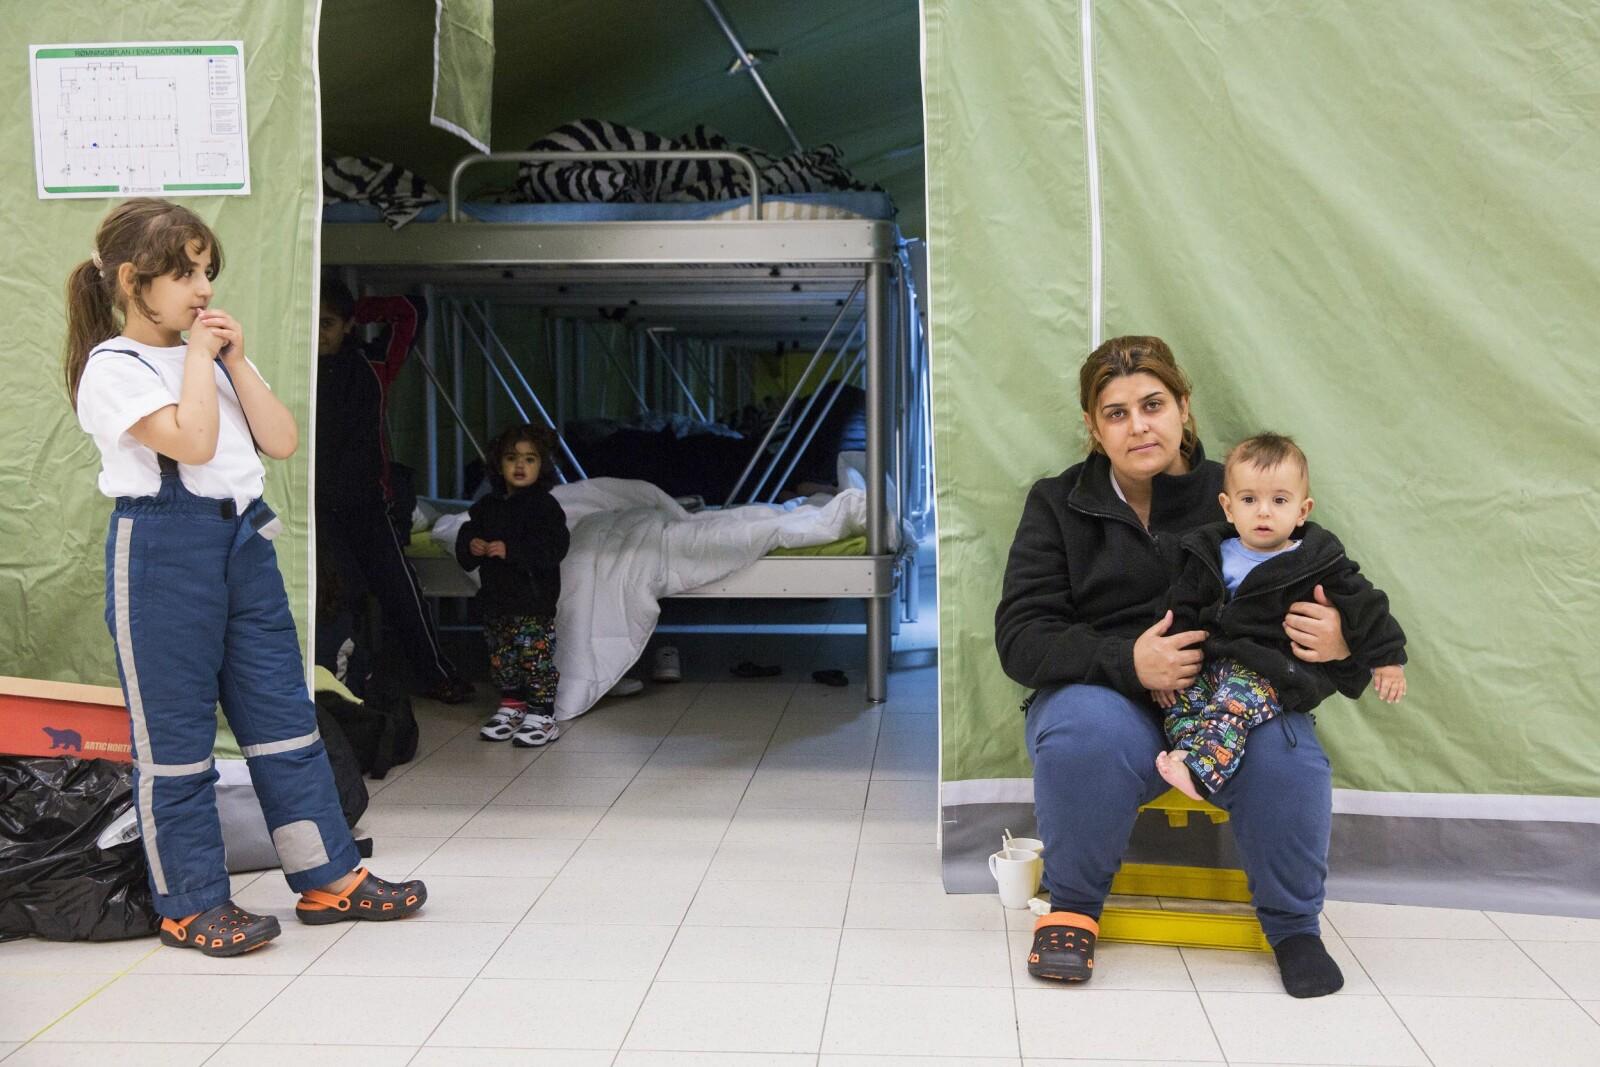 <b><SPAN CLASS=BOLD><STRONG>FRUSTRERT:</b></strong></span> En kurdisk kvinne og hennes barn i mottakssenteret på Råde i 2015. Forskerne har funnet ut at hun blir frustrert av å vente.